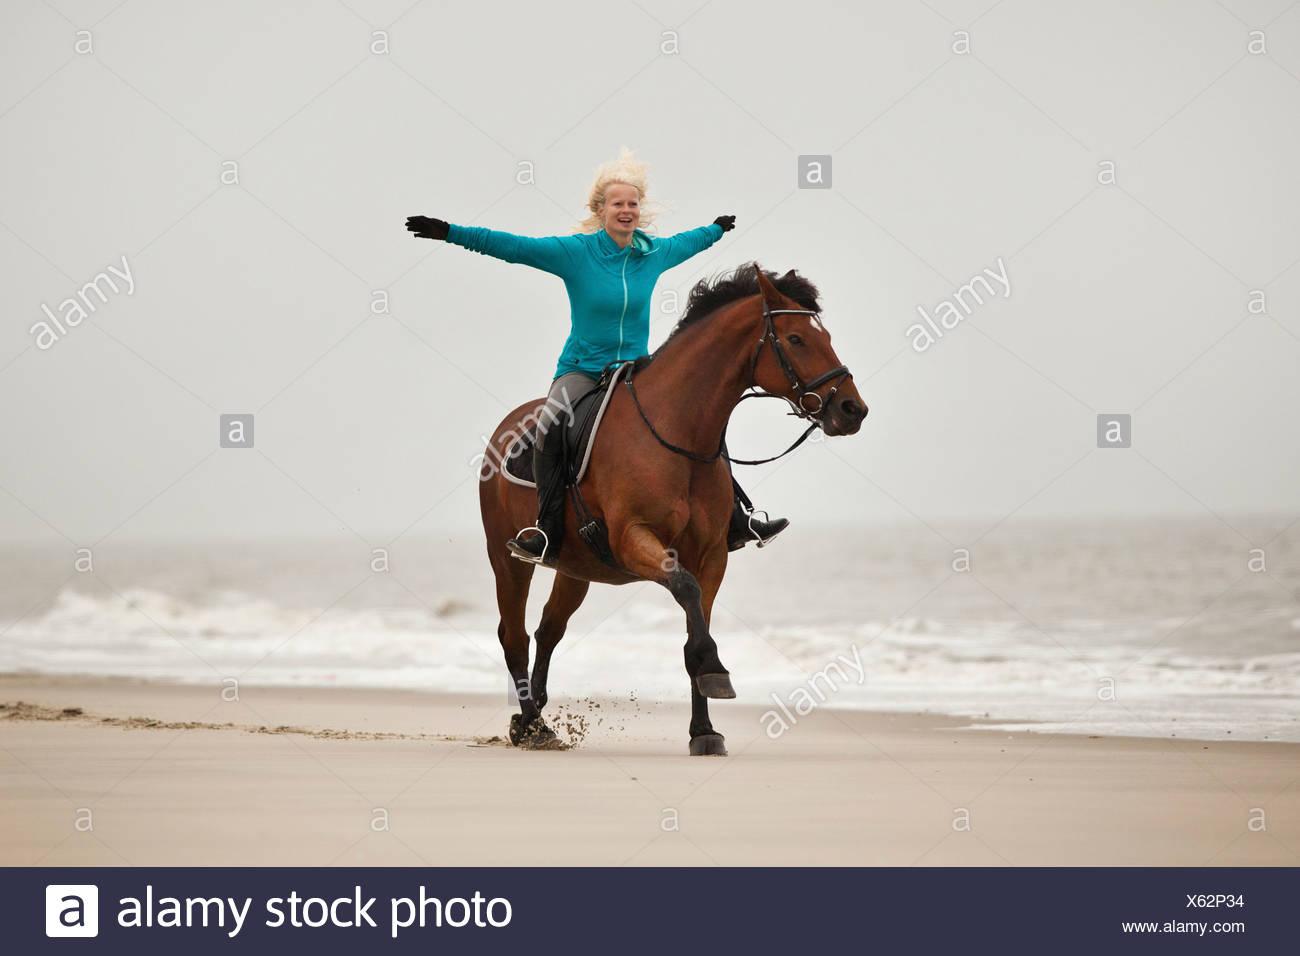 Mujer caballo freehand en un andaluz half-breed castrado, vistiendo un inglés, en la playa de herradura de Borkum, Baja Sajonia Imagen De Stock